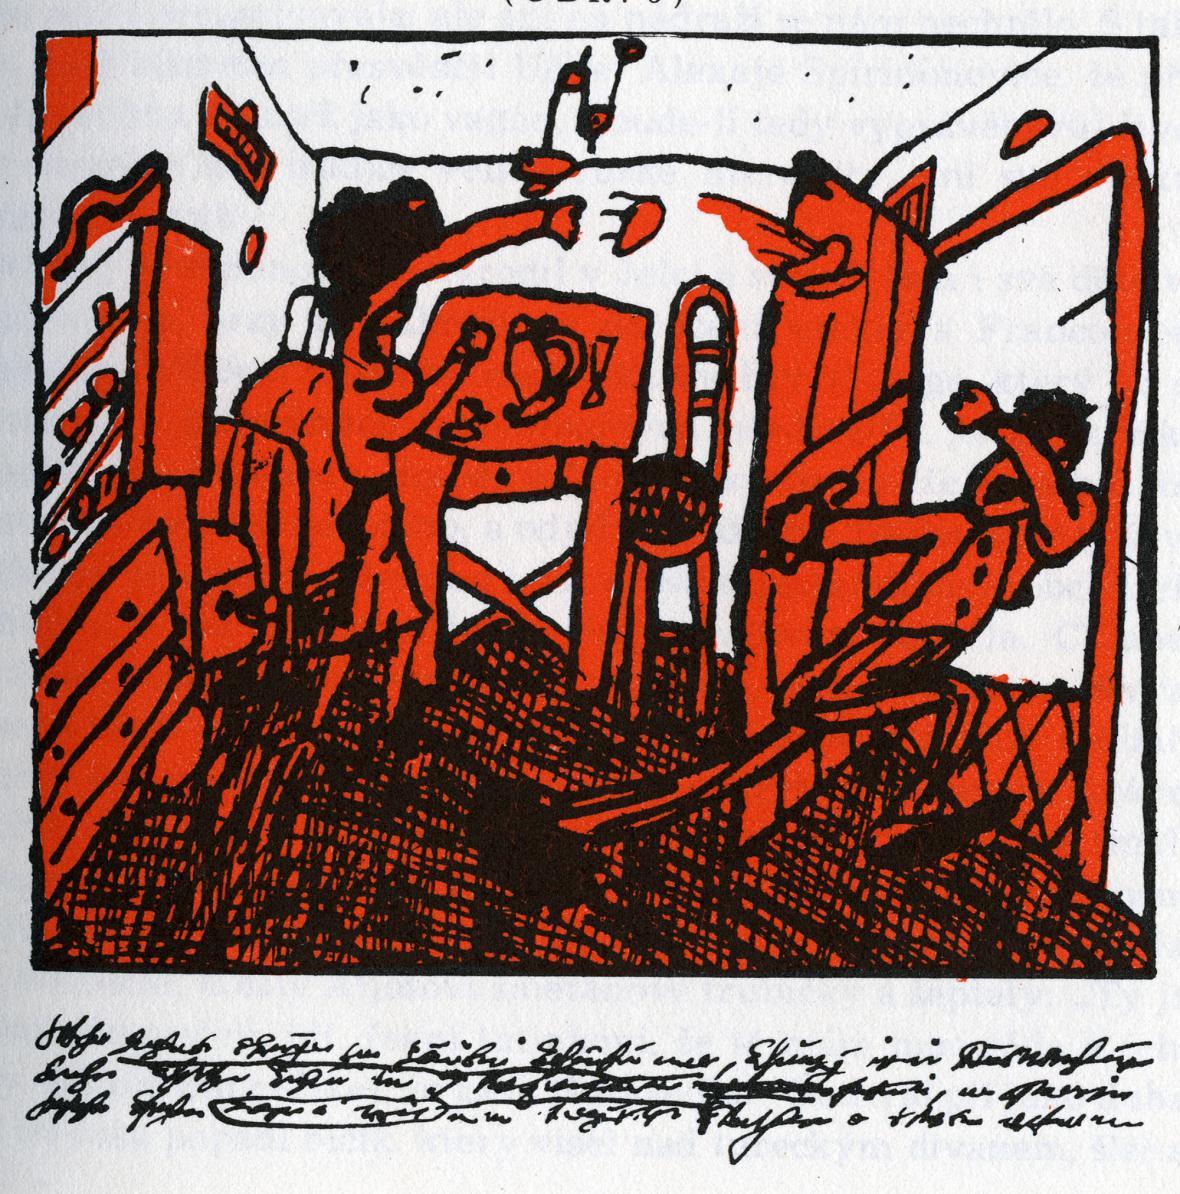 Ilustrace Jiřího Šalamouna ke Neobyčejným dobrodružstvím Julia Jurenita a jeho žáků